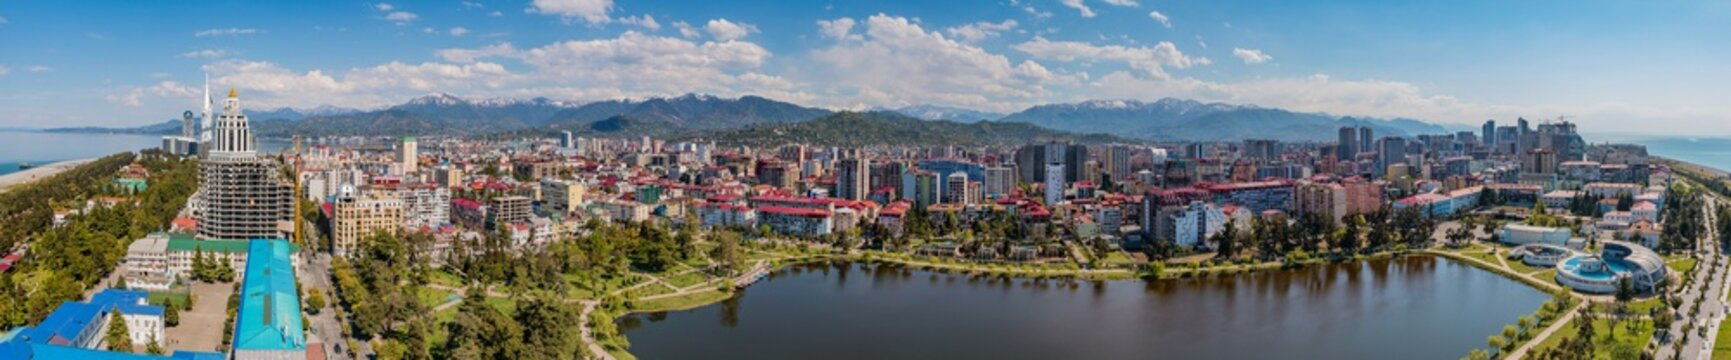 Batumi Panorama II